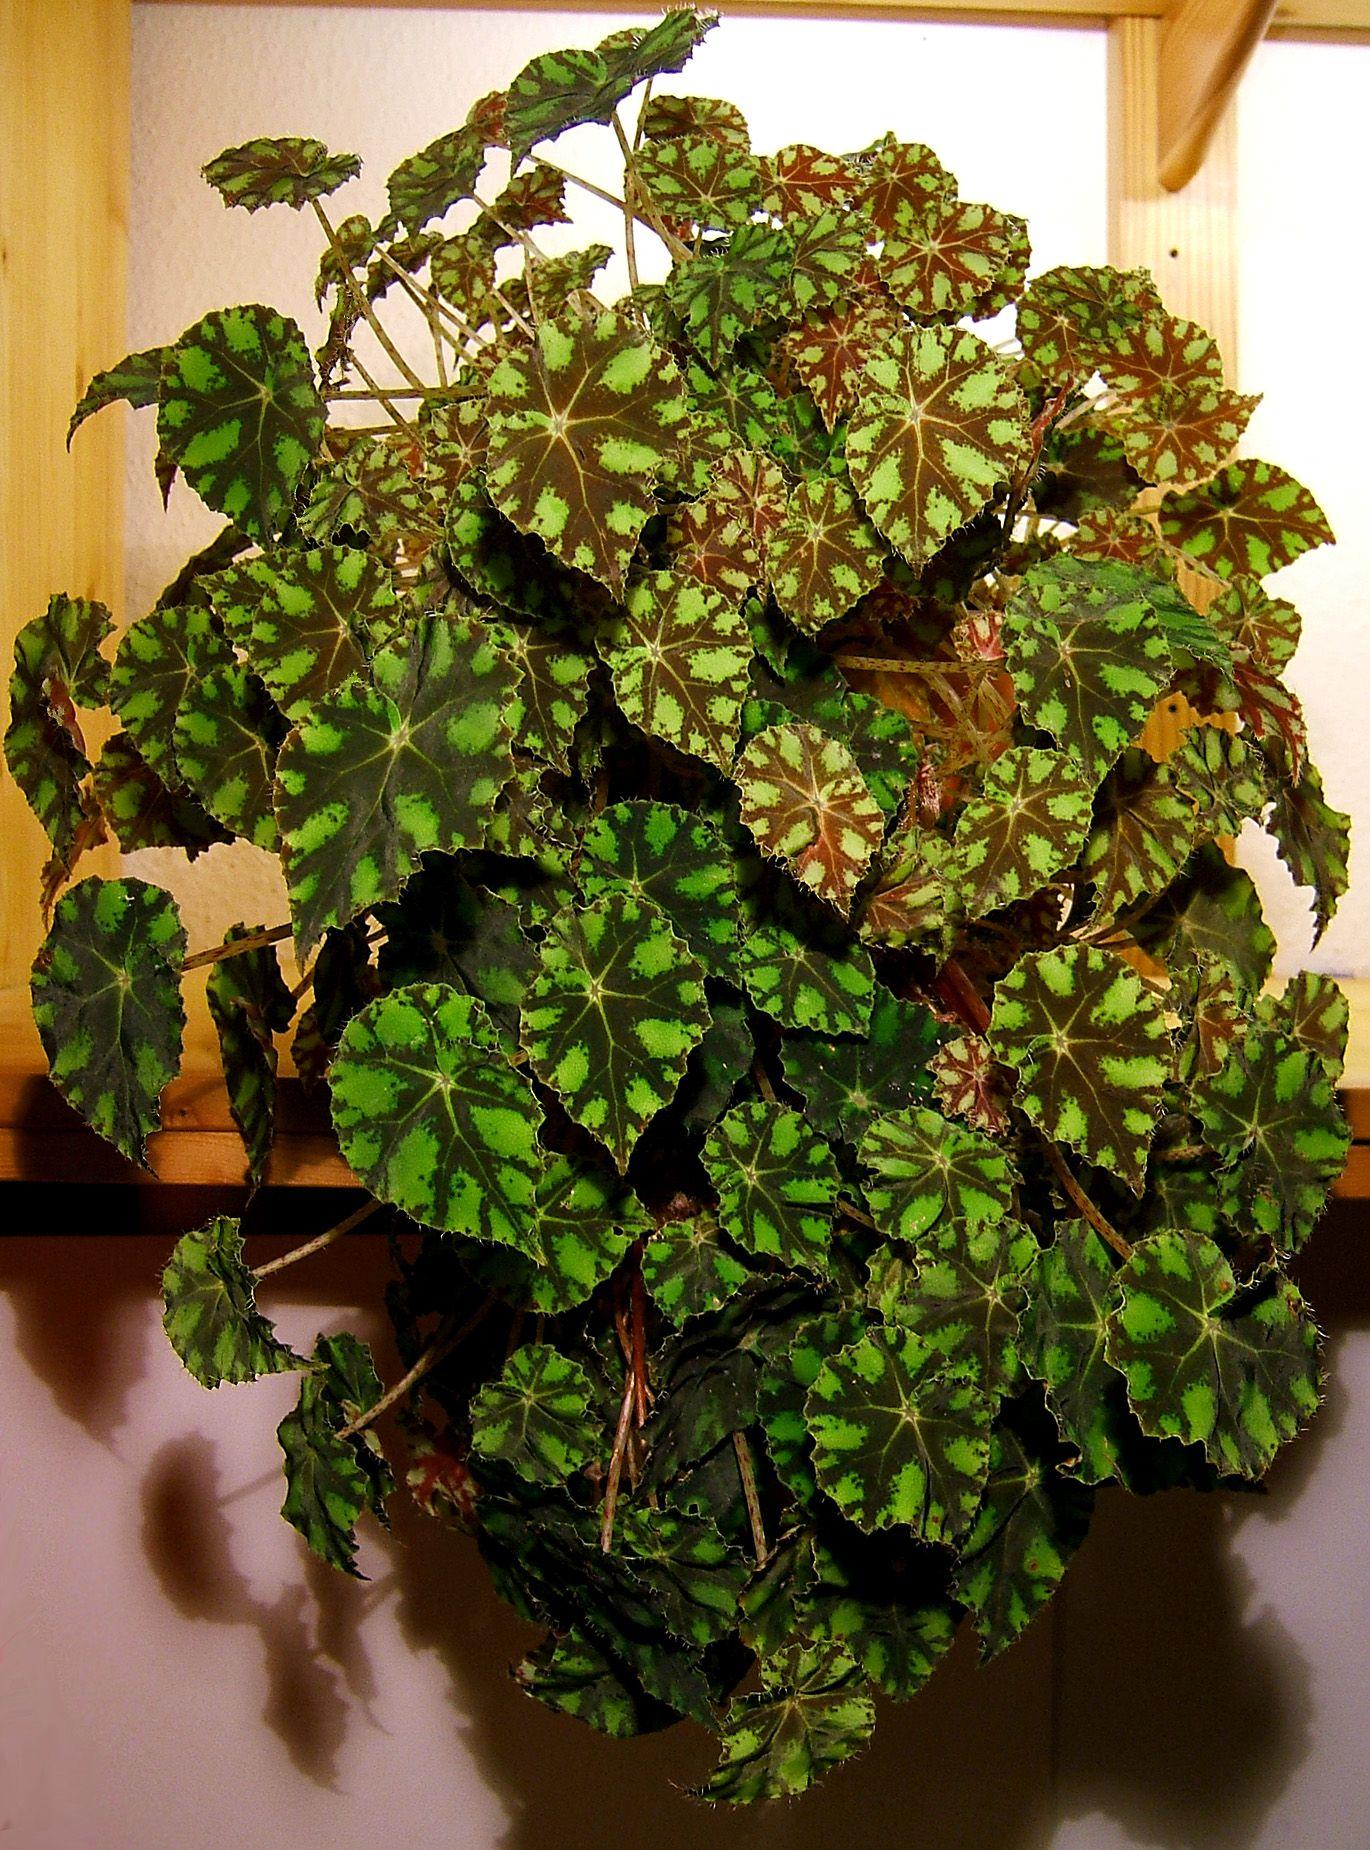 Begonia bowerae begonias plus - Begonie zimmerpflanze ...